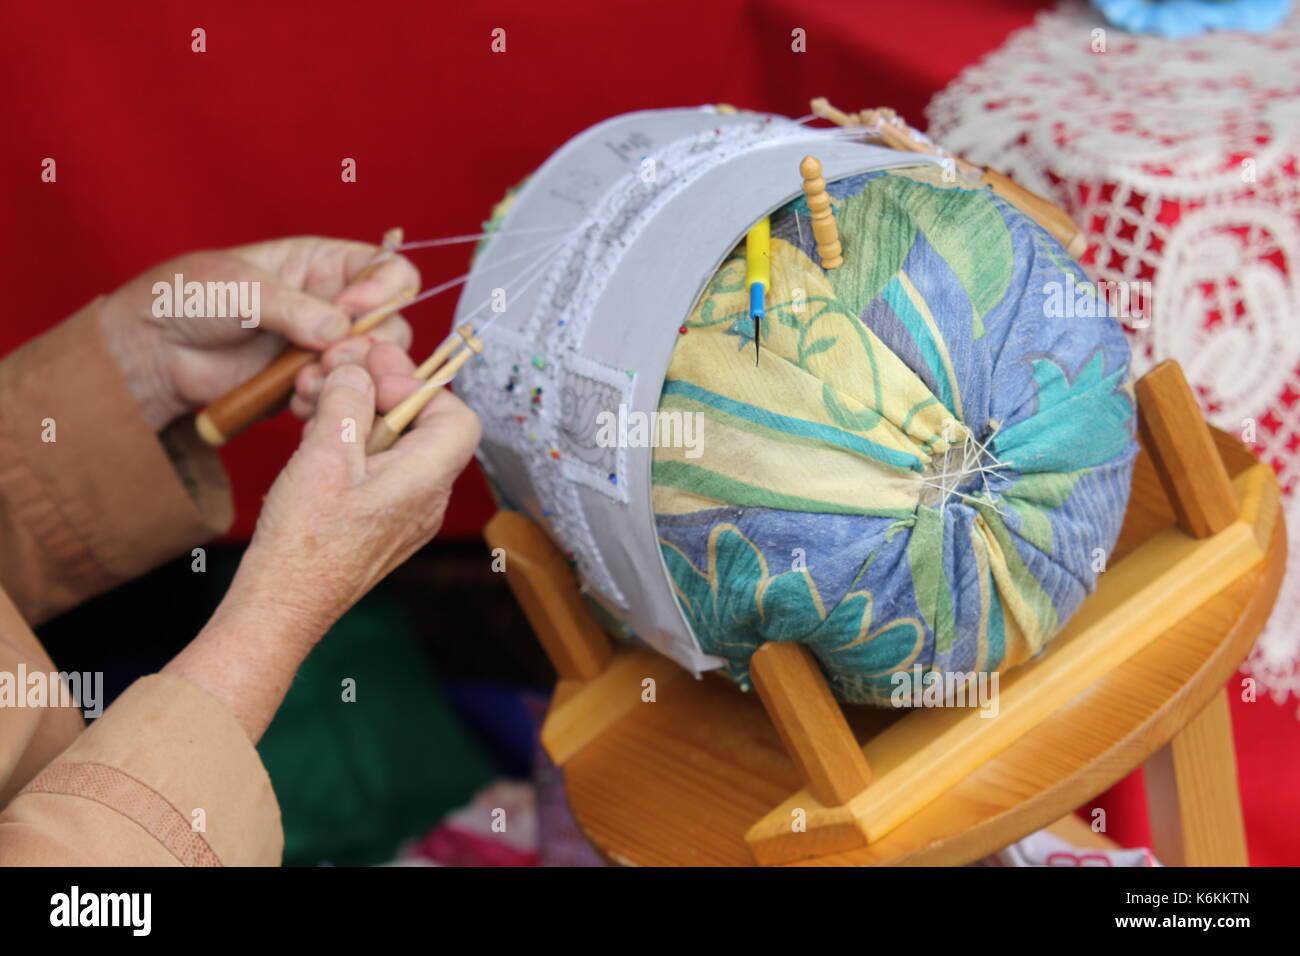 Glöppeln Handarbeit Glocke Glöckchen Häkeln Handwerk